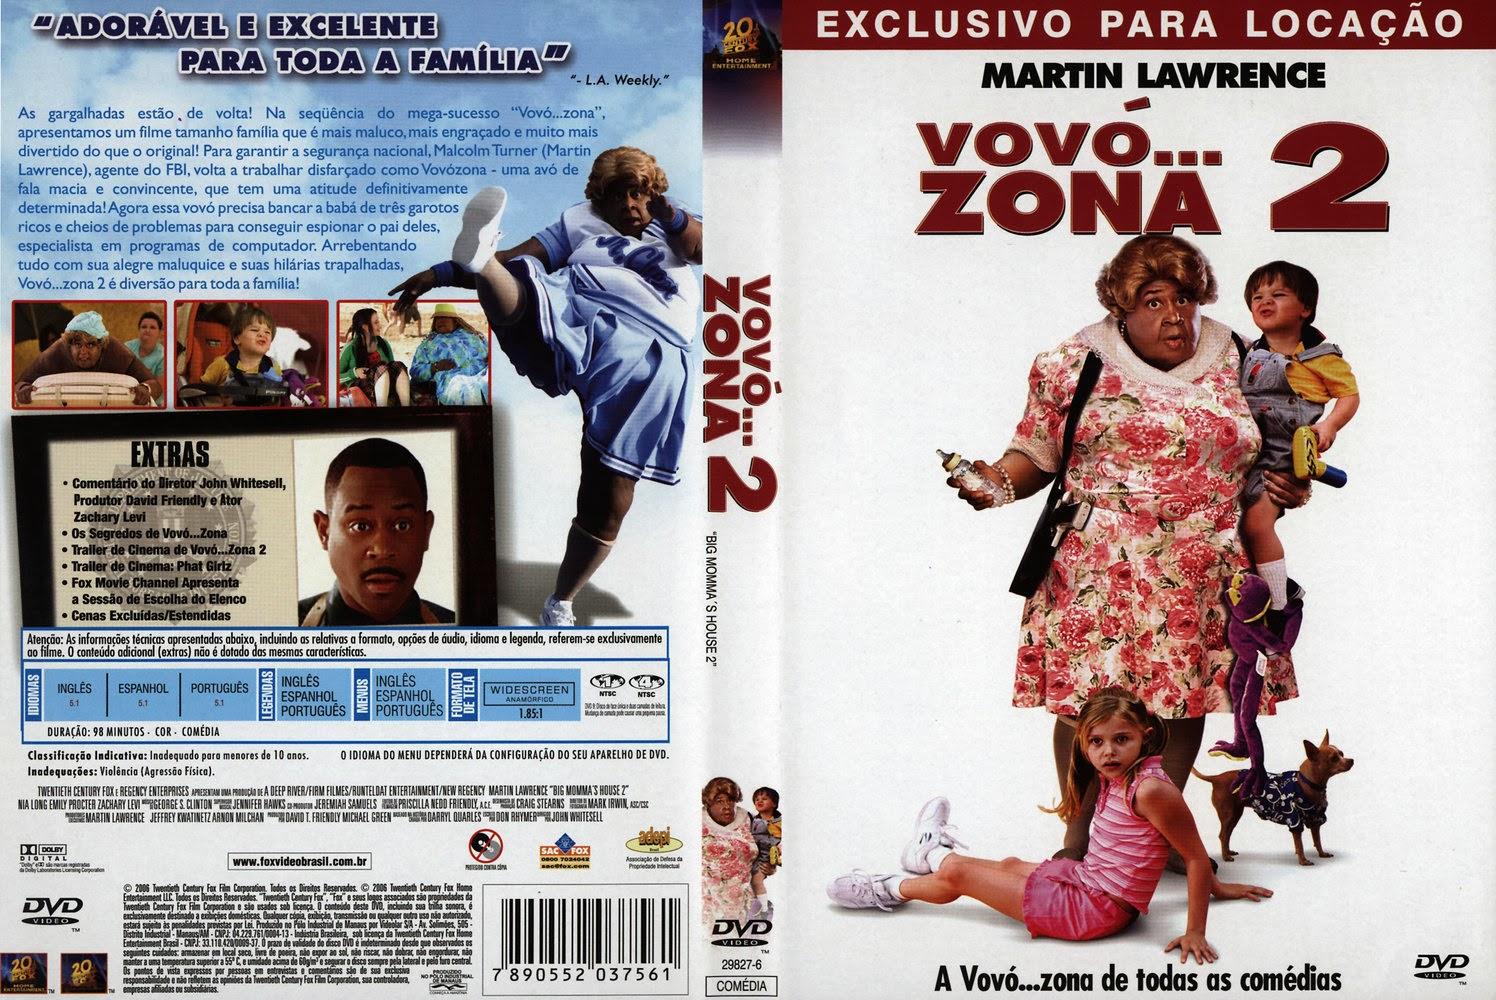 Vovó... Zona 2 DVD capa